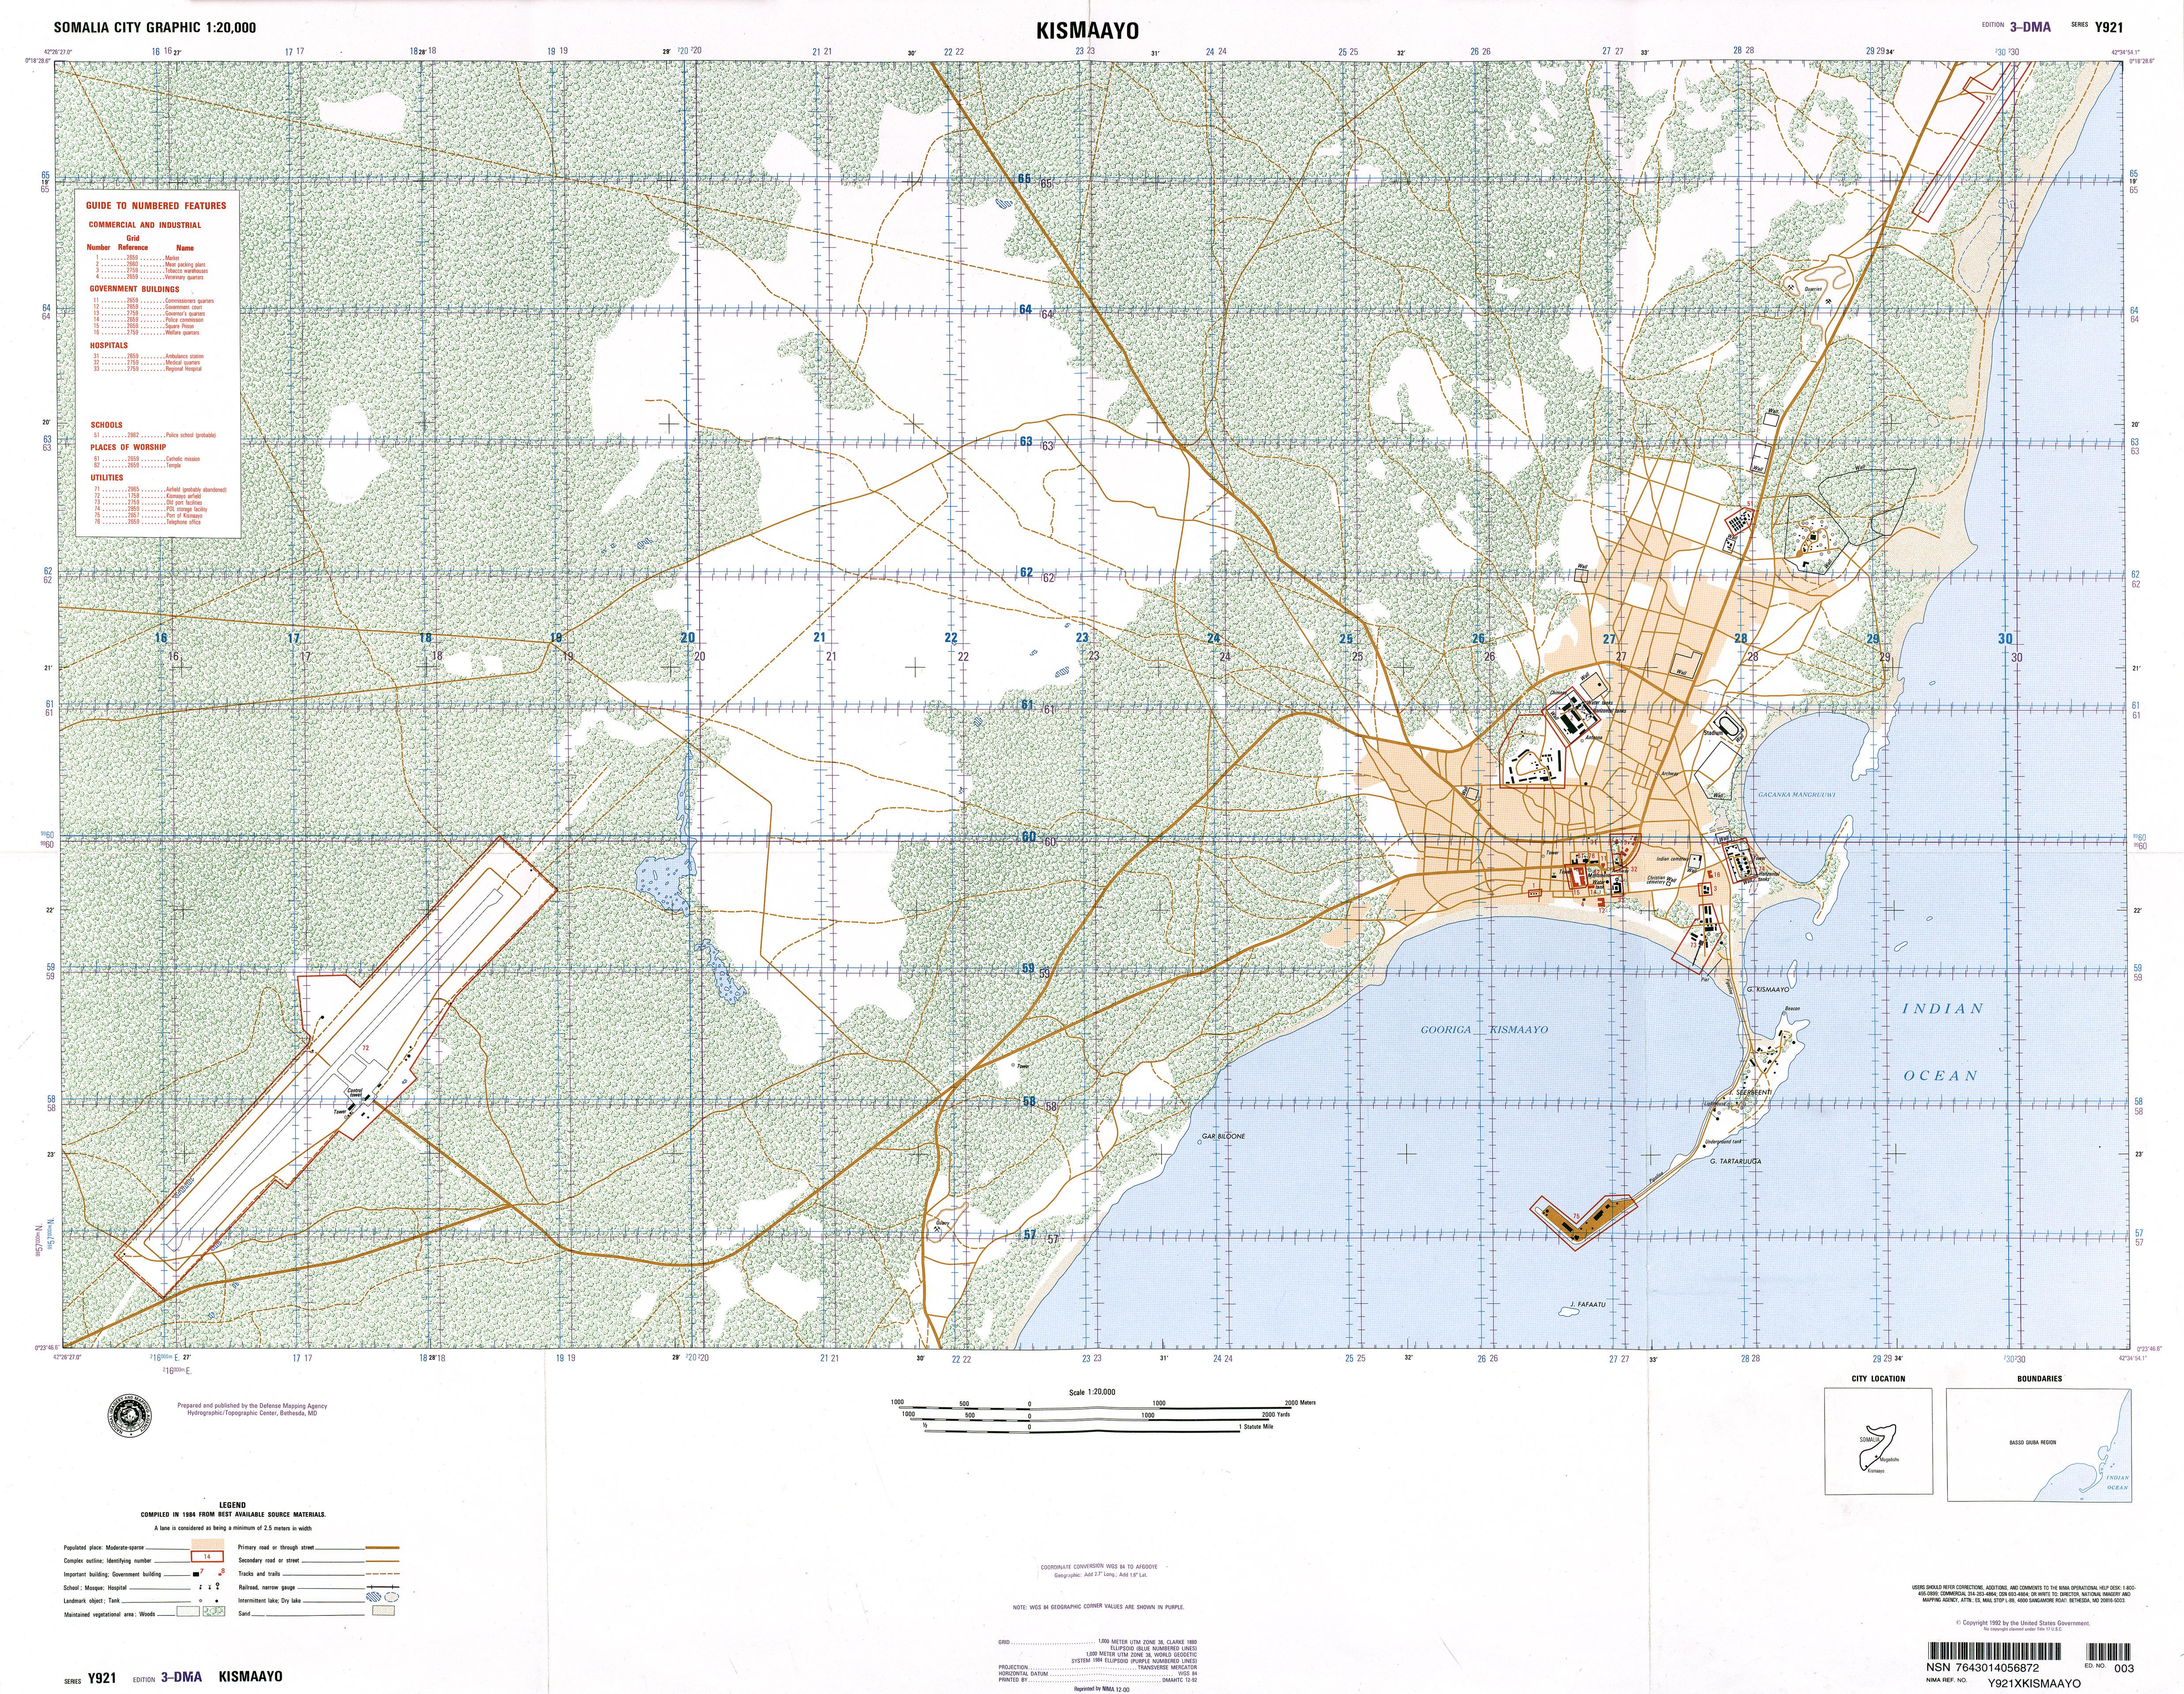 Mapa Topográfico de Kismaayo, Somalia